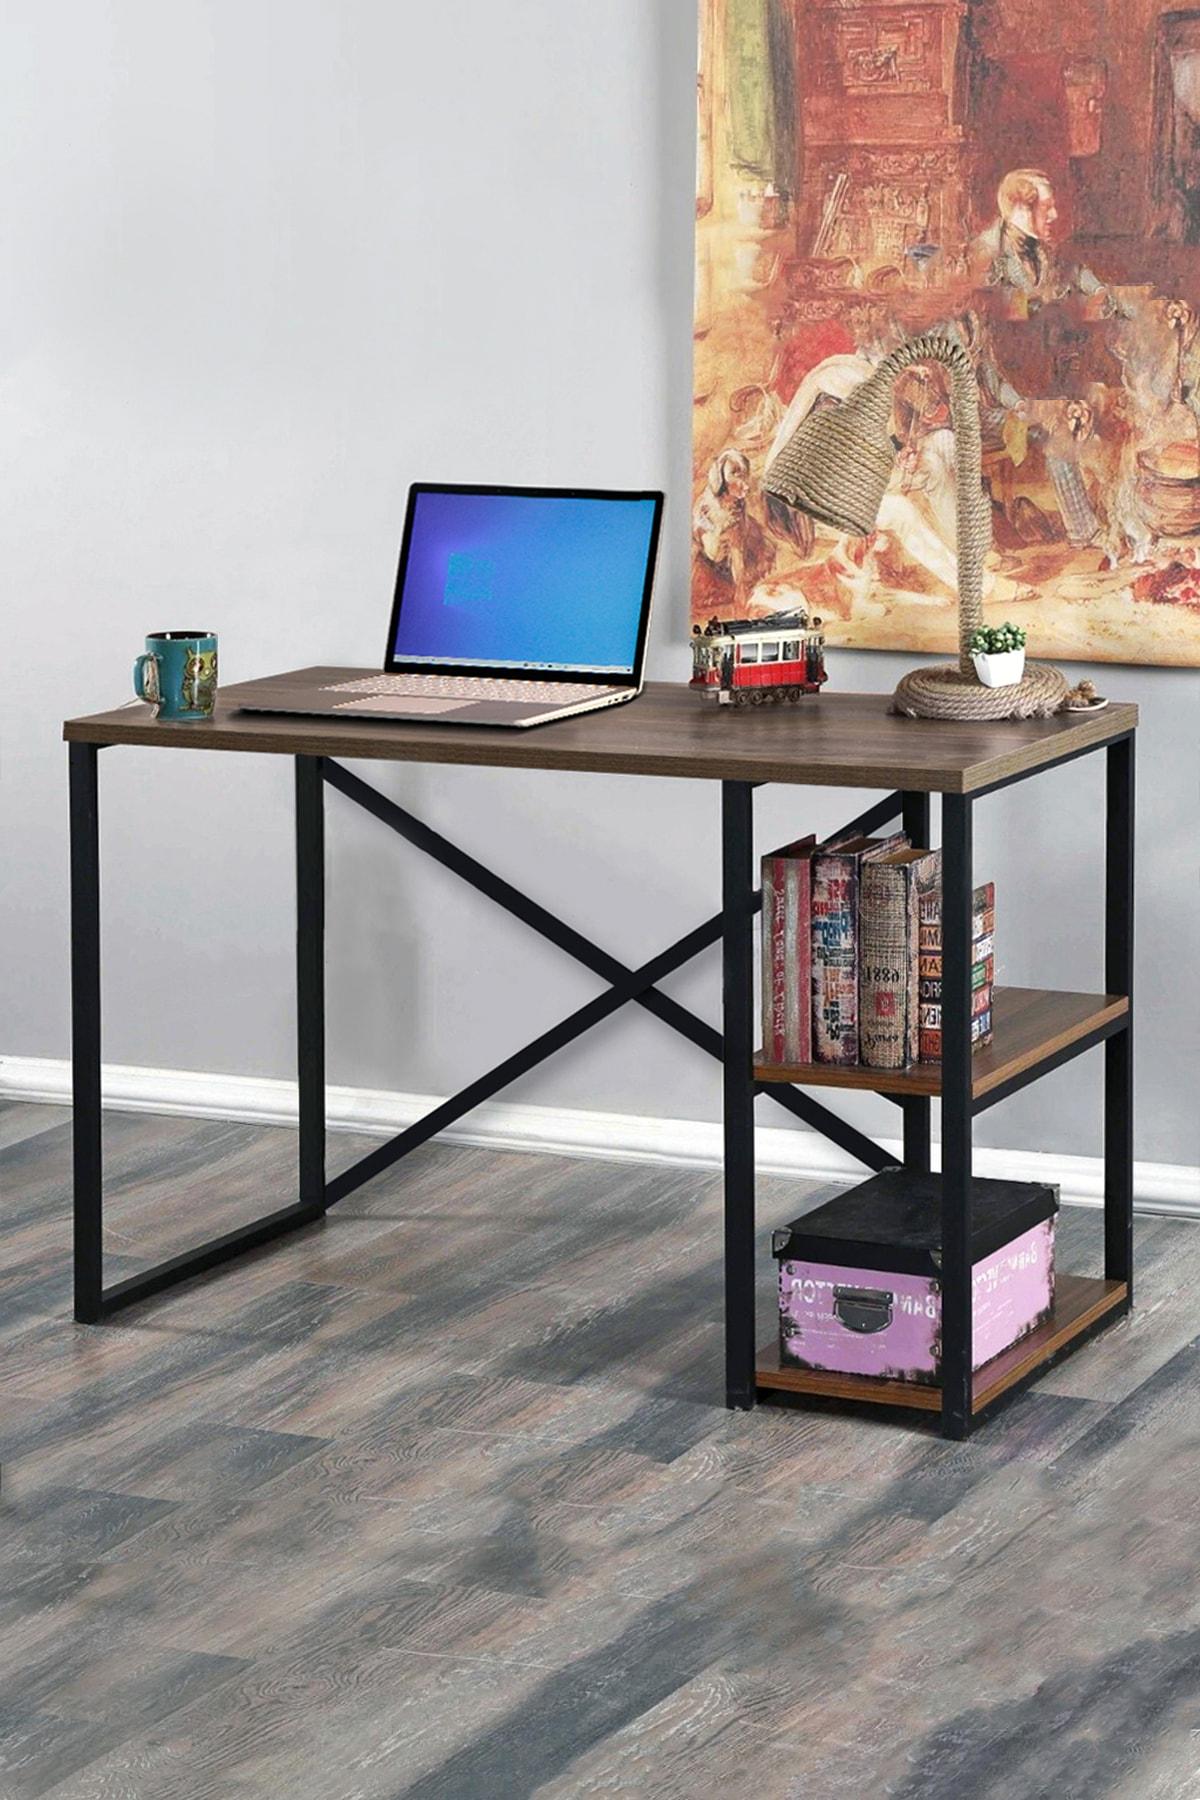 Morpanya Bilgisayar Masası Ve 5 Raflı Metal Kitaplık Set Çalışma Masası Laptop Ofis Masası Ceviz 2